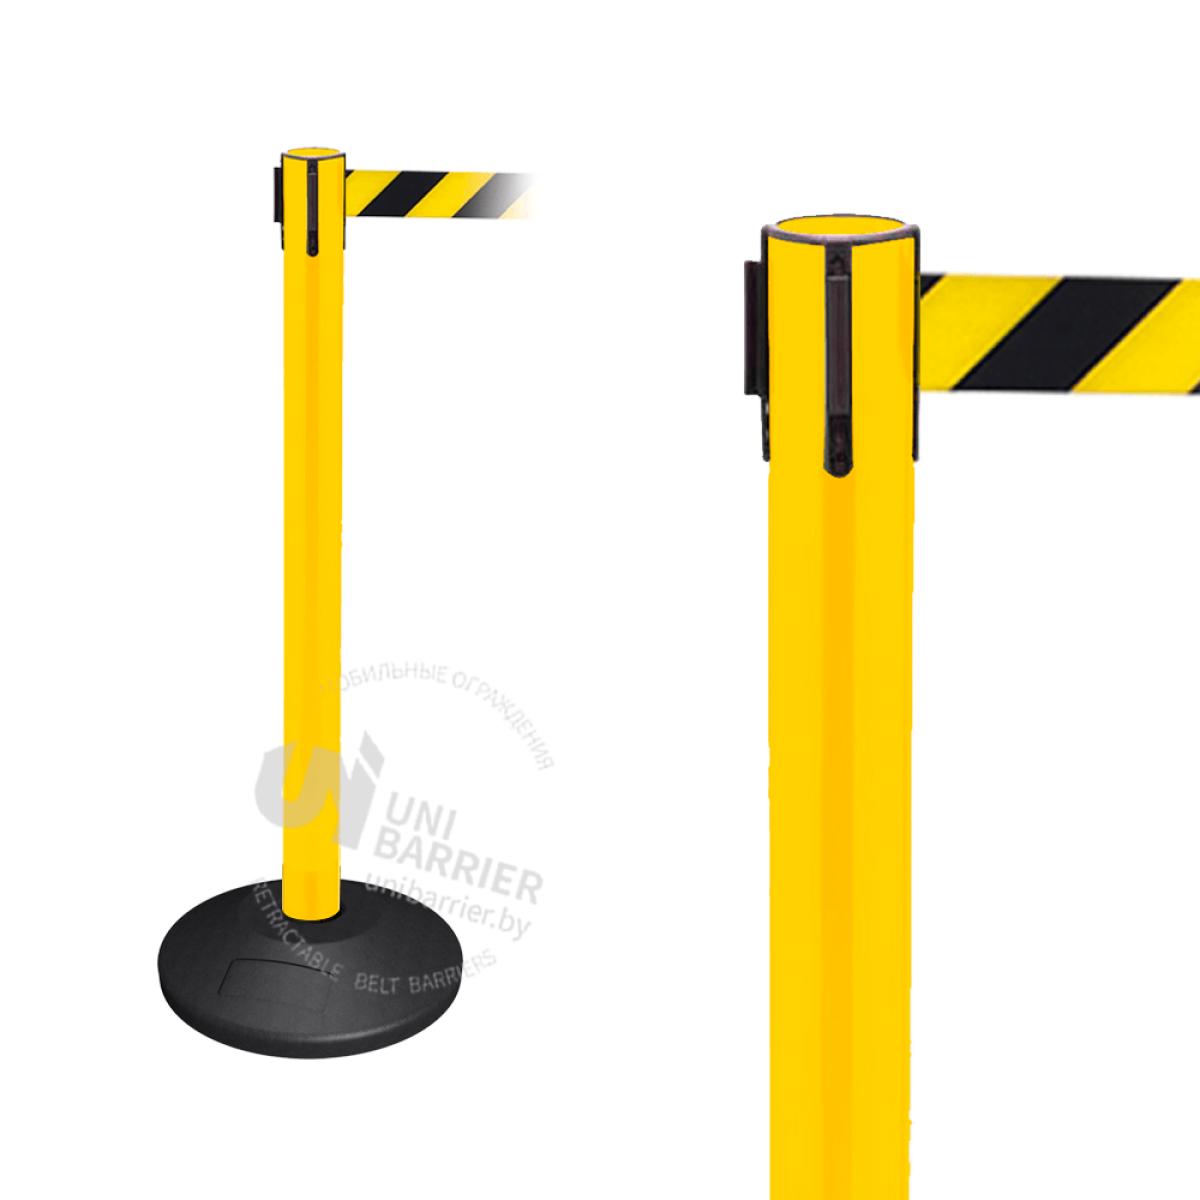 Стойка ограждения пластиковая желтая резиновое основание стандарт желто-черная лента